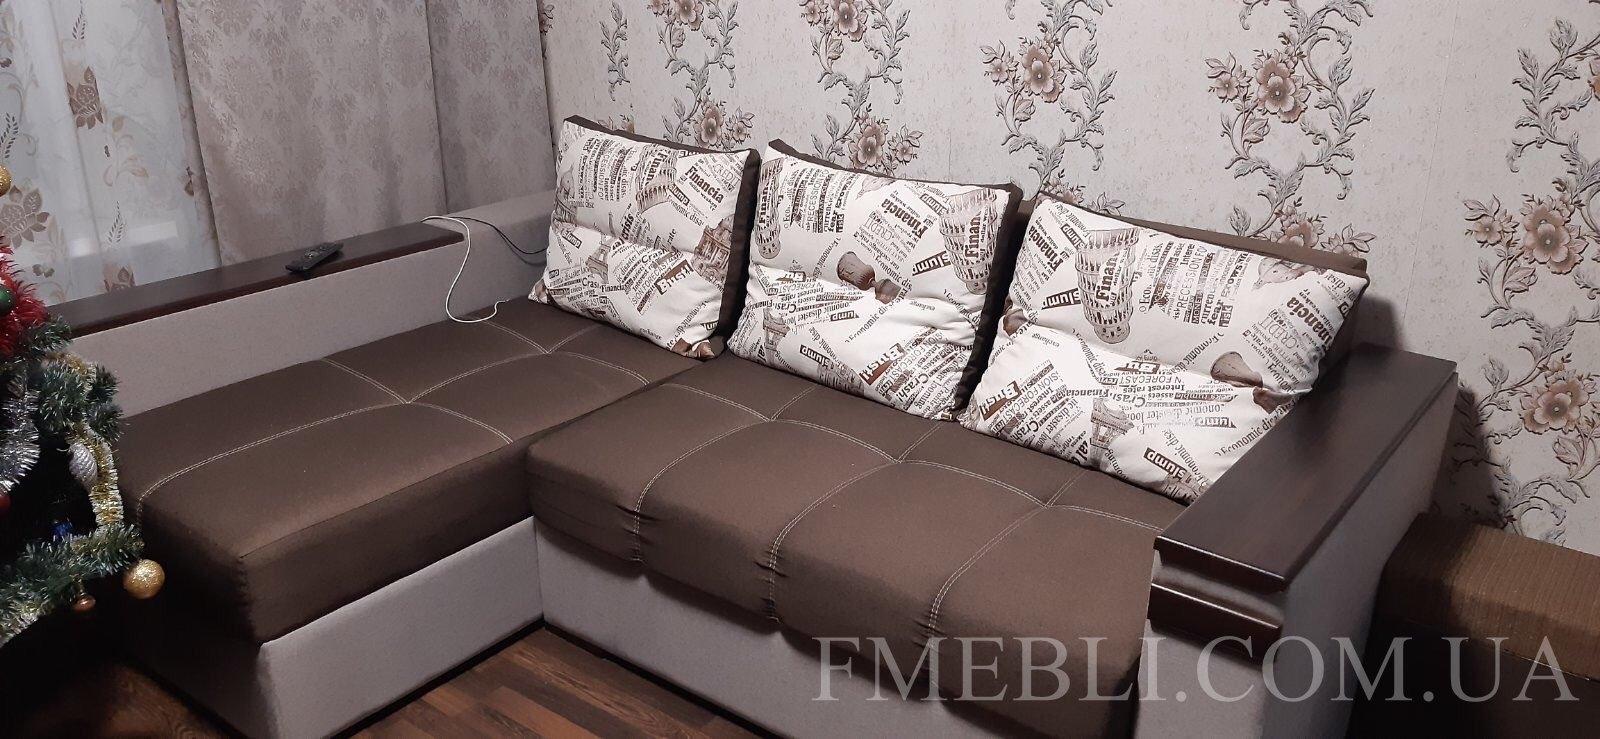 Кутовий диван Легінь 2 +Відеоогляд 4